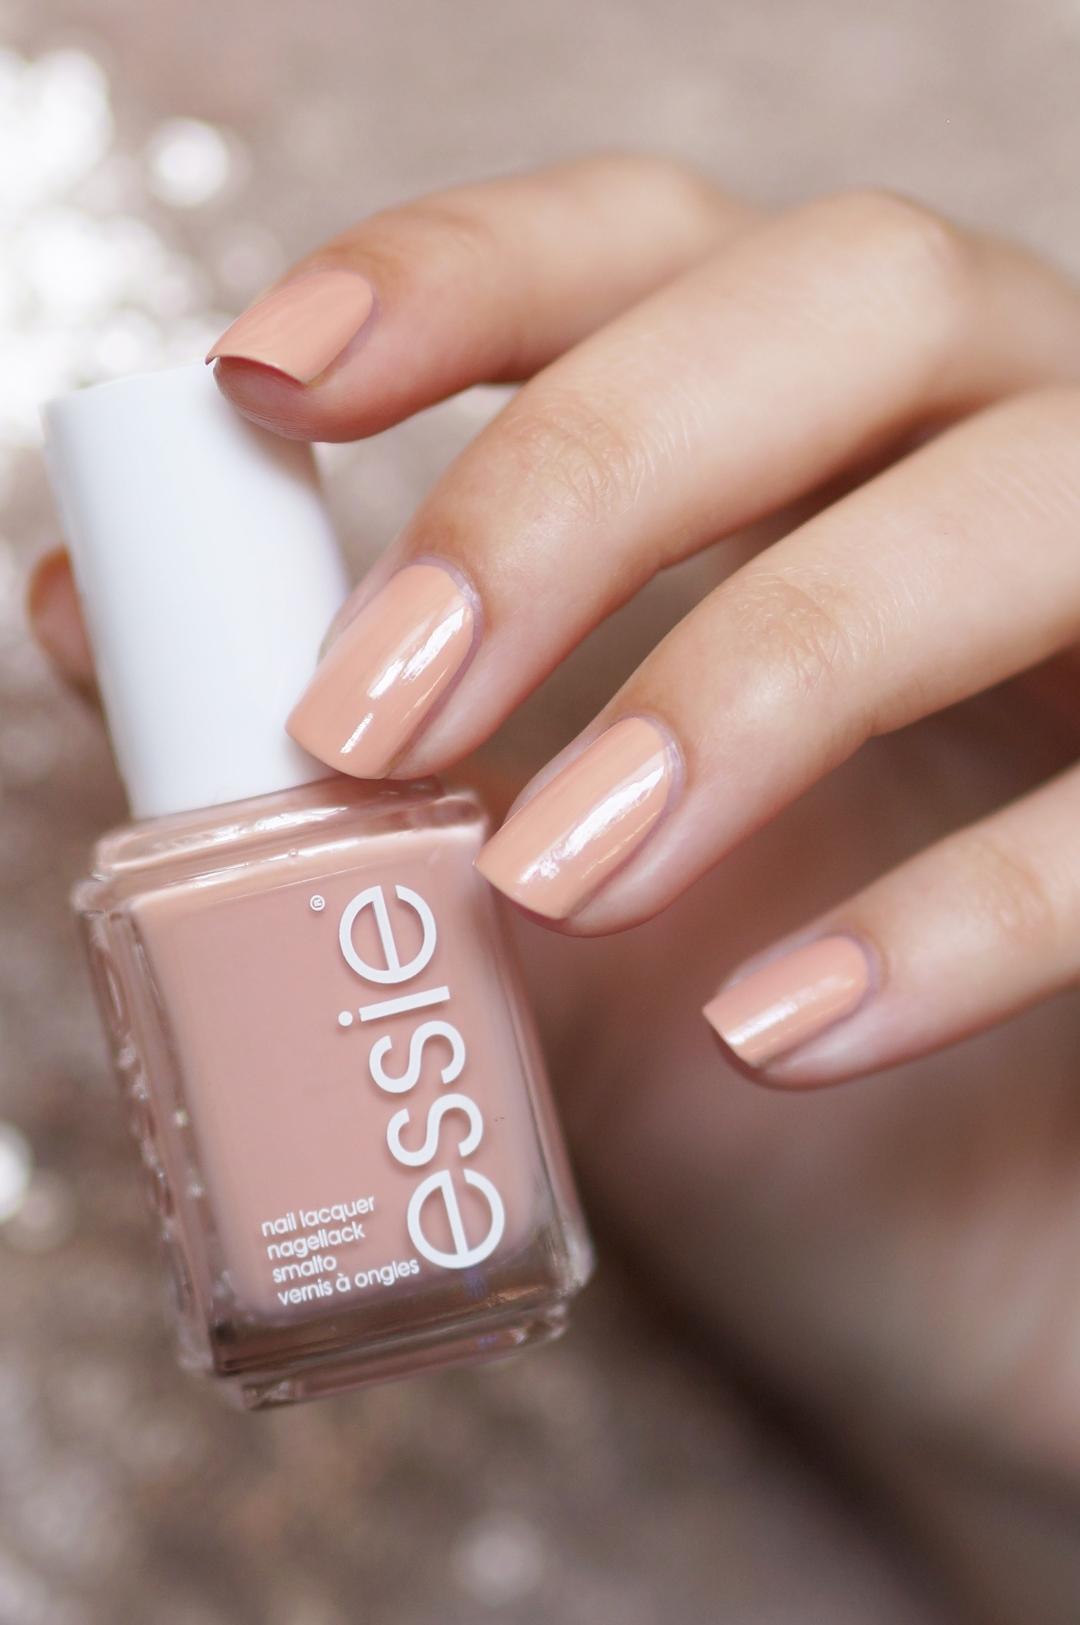 Essie-flowerista-perennial-chic-swatches-beautyill (8)